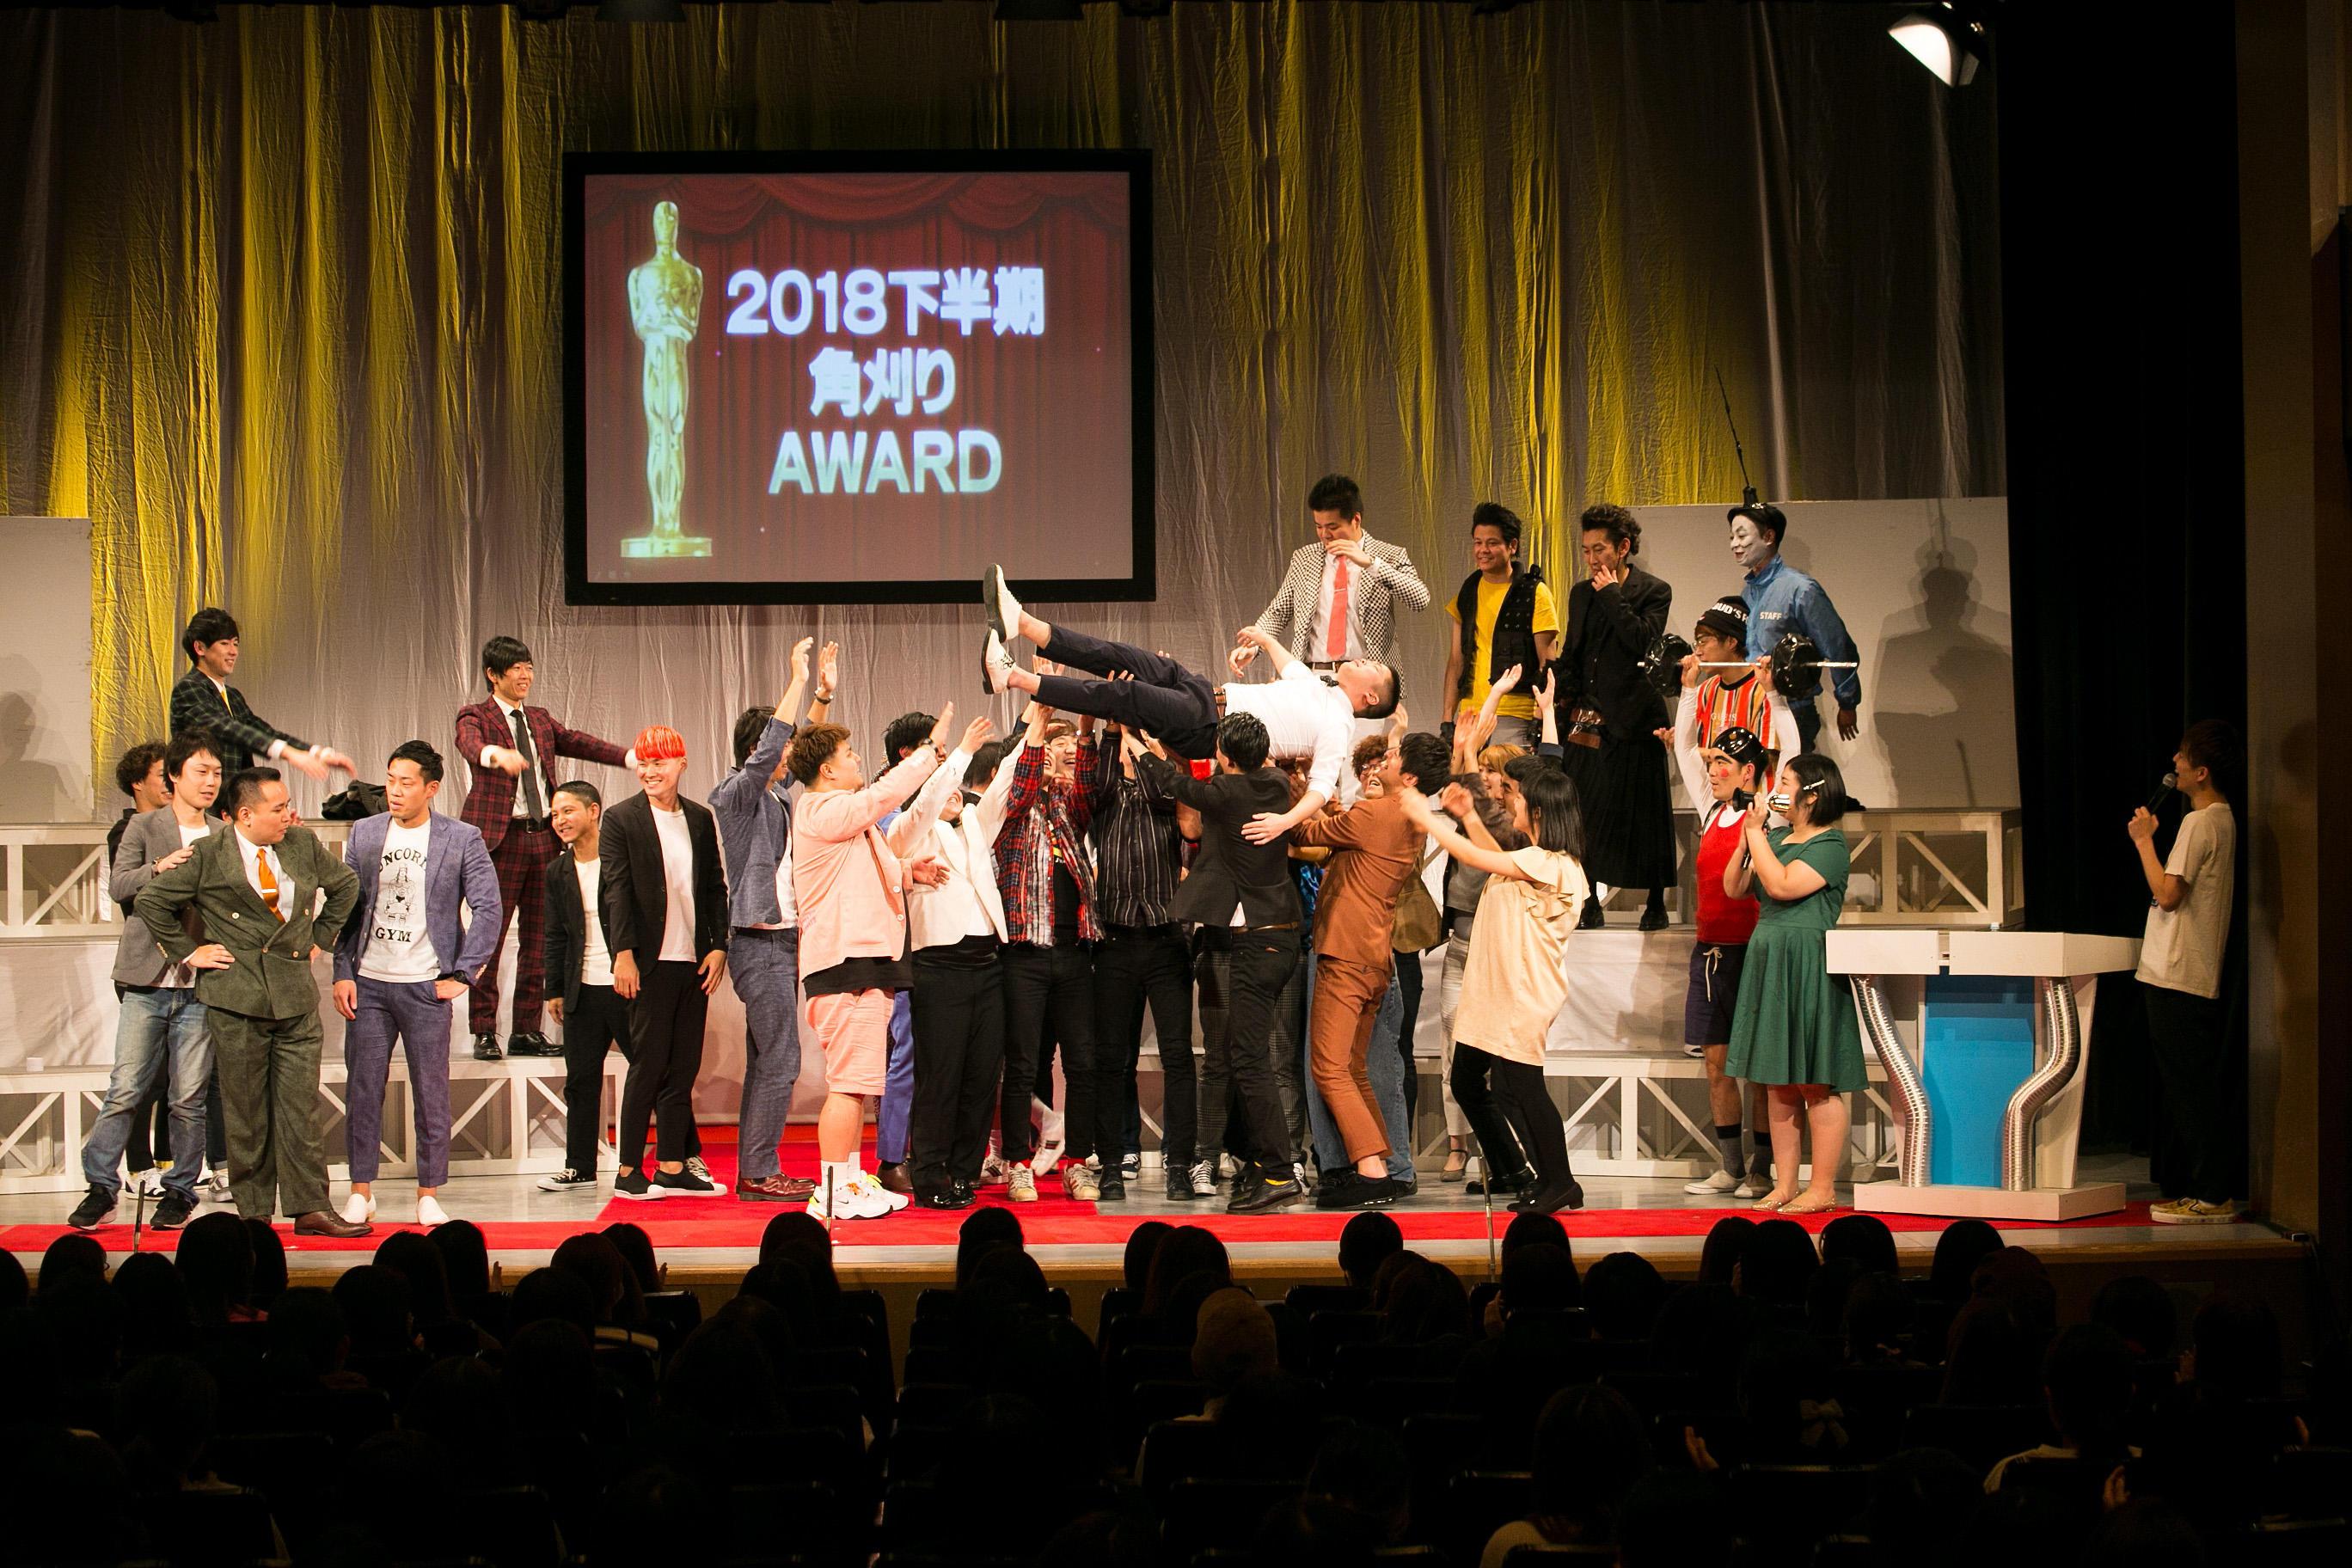 http://news.yoshimoto.co.jp/20181228113117-276c67a3e8070c54c7a84de1186da1681b9e9b01.jpg